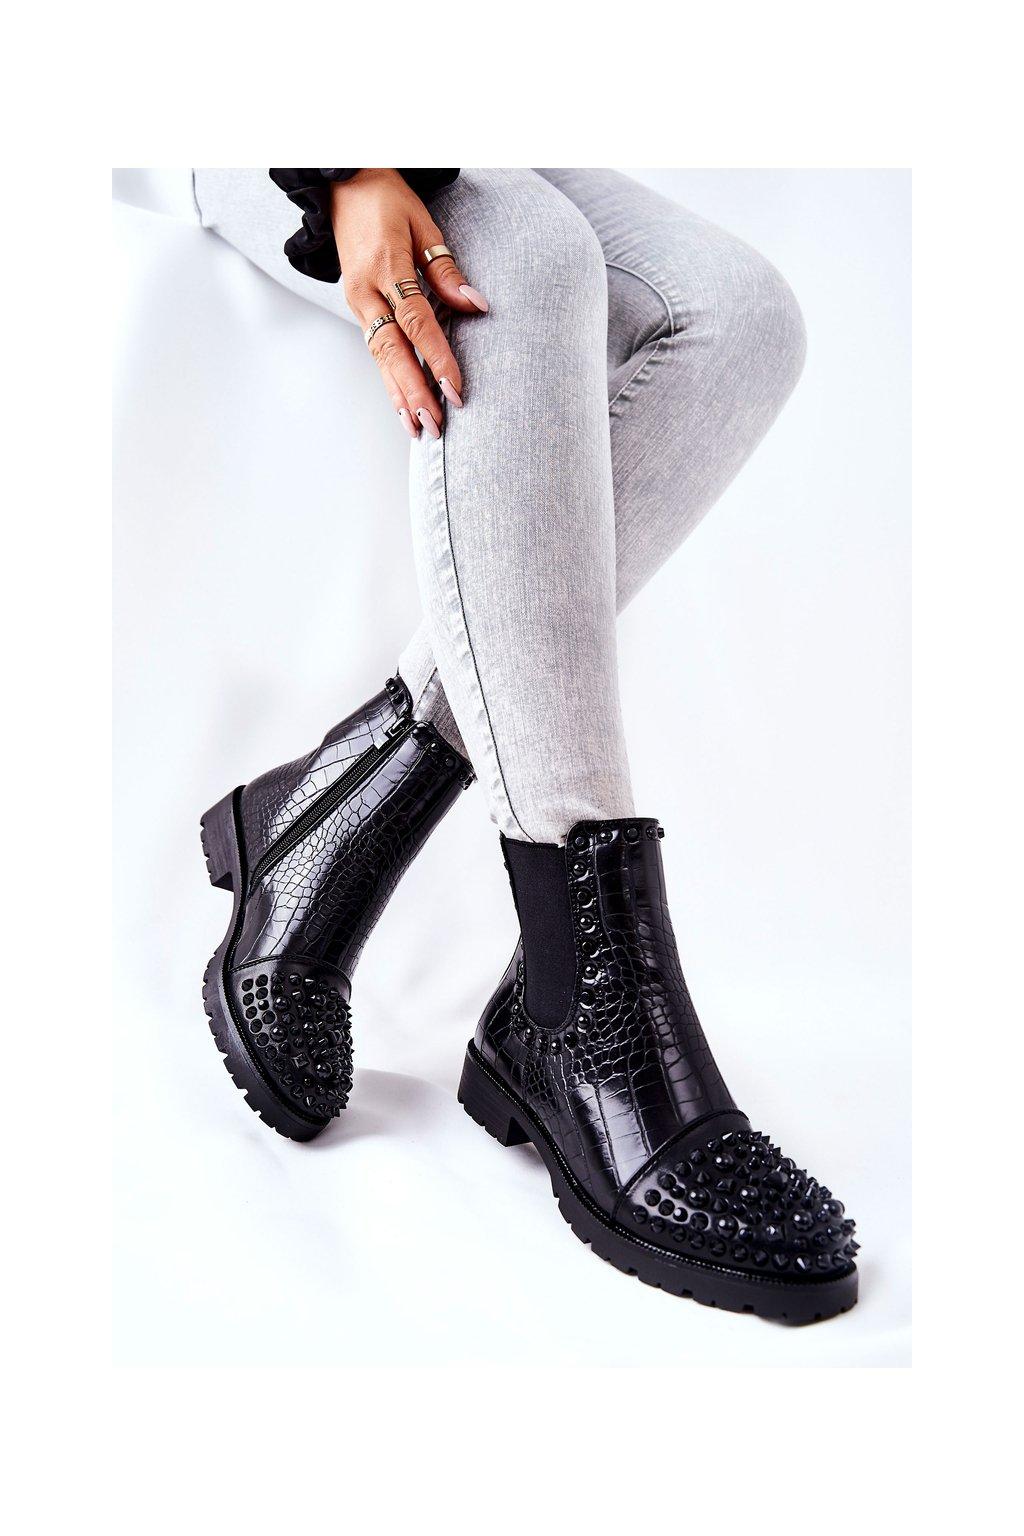 Členkové topánky na podpätku farba čierna kód obuvi CLS-81 BLK